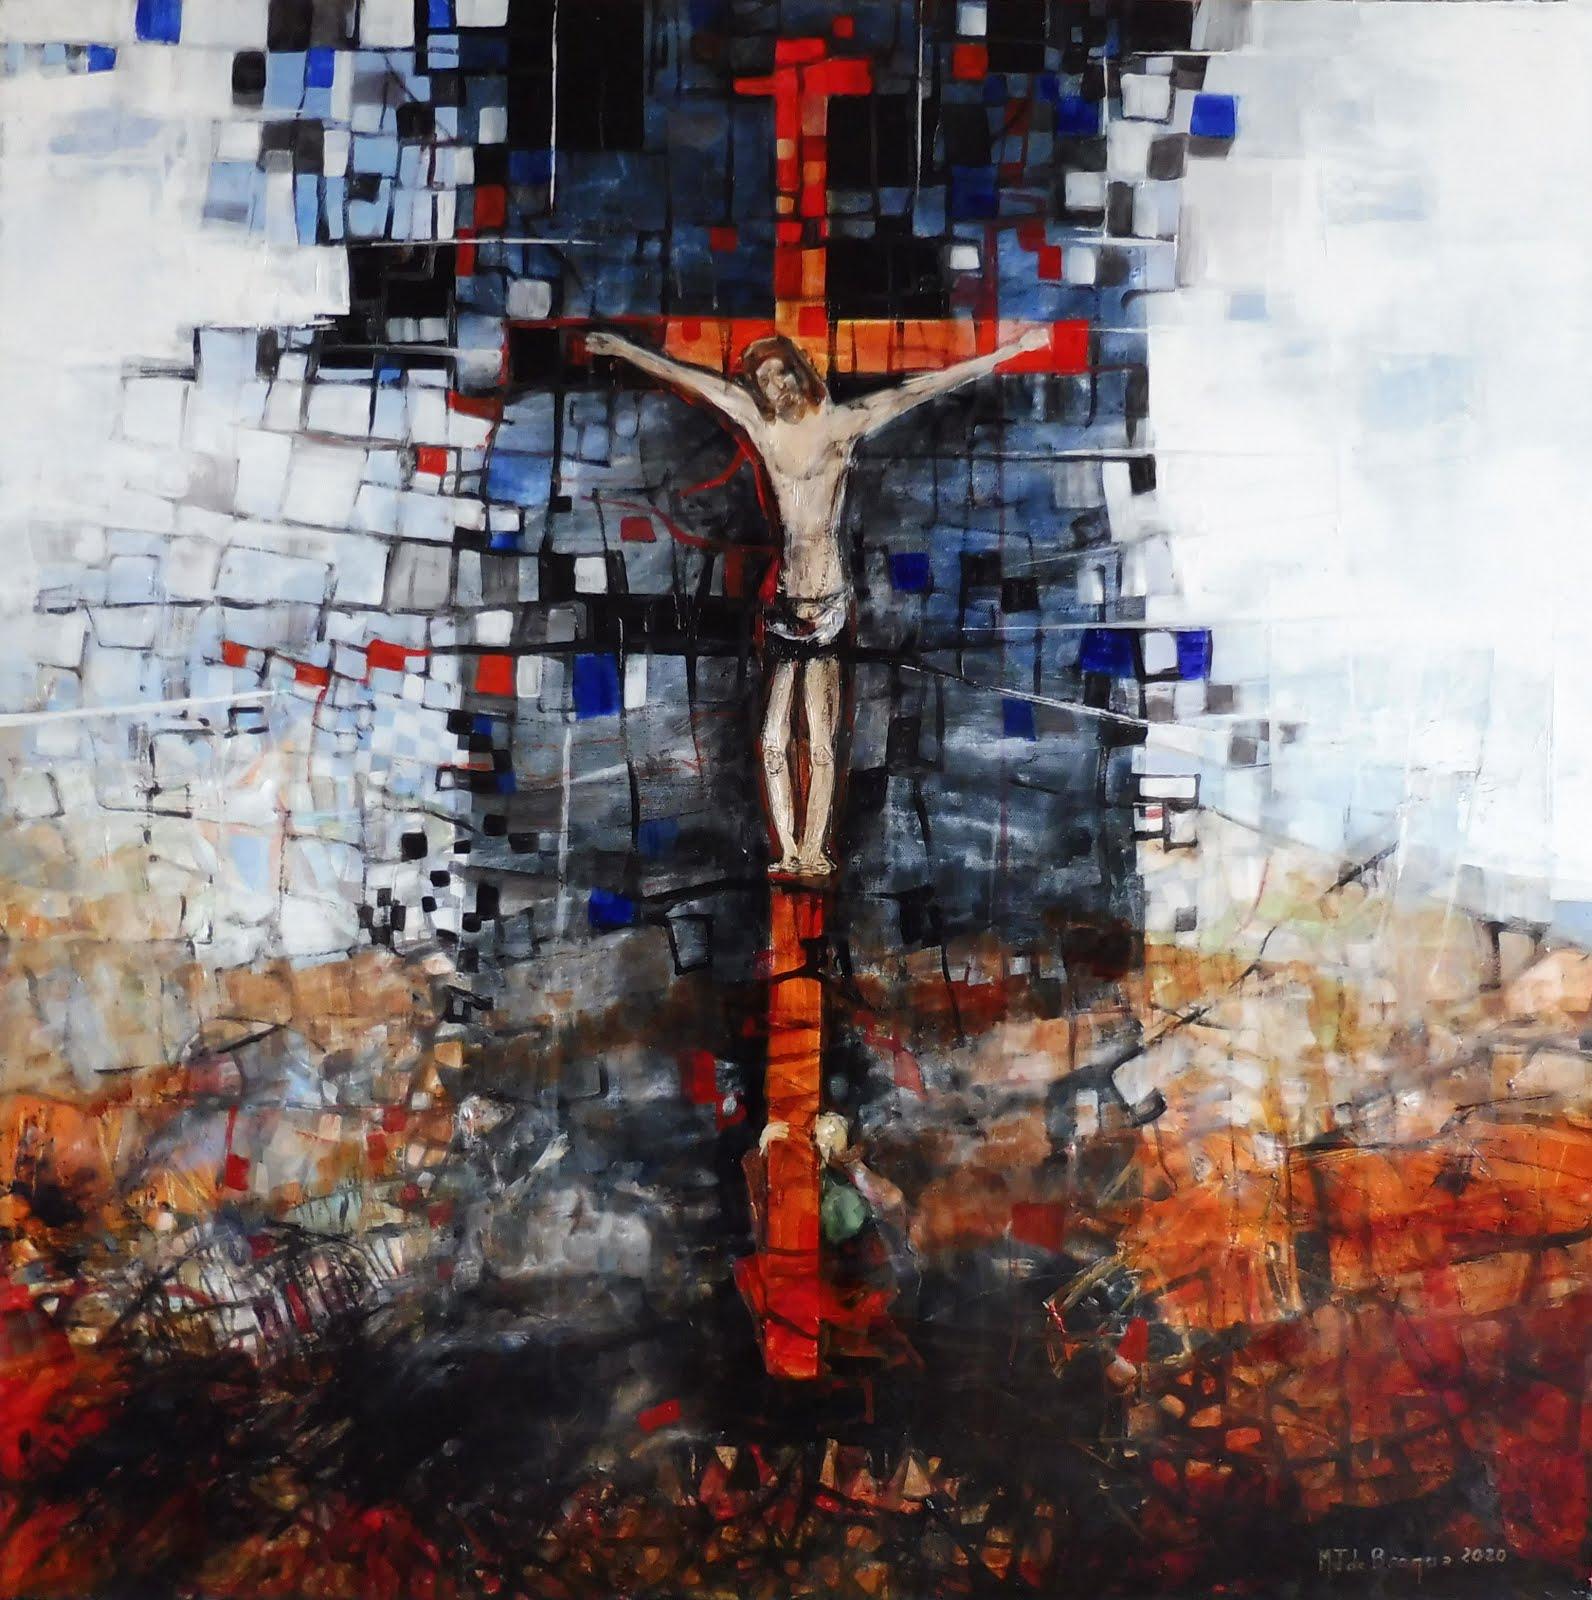 Crucifixion - 80 x 80 cm - 2020